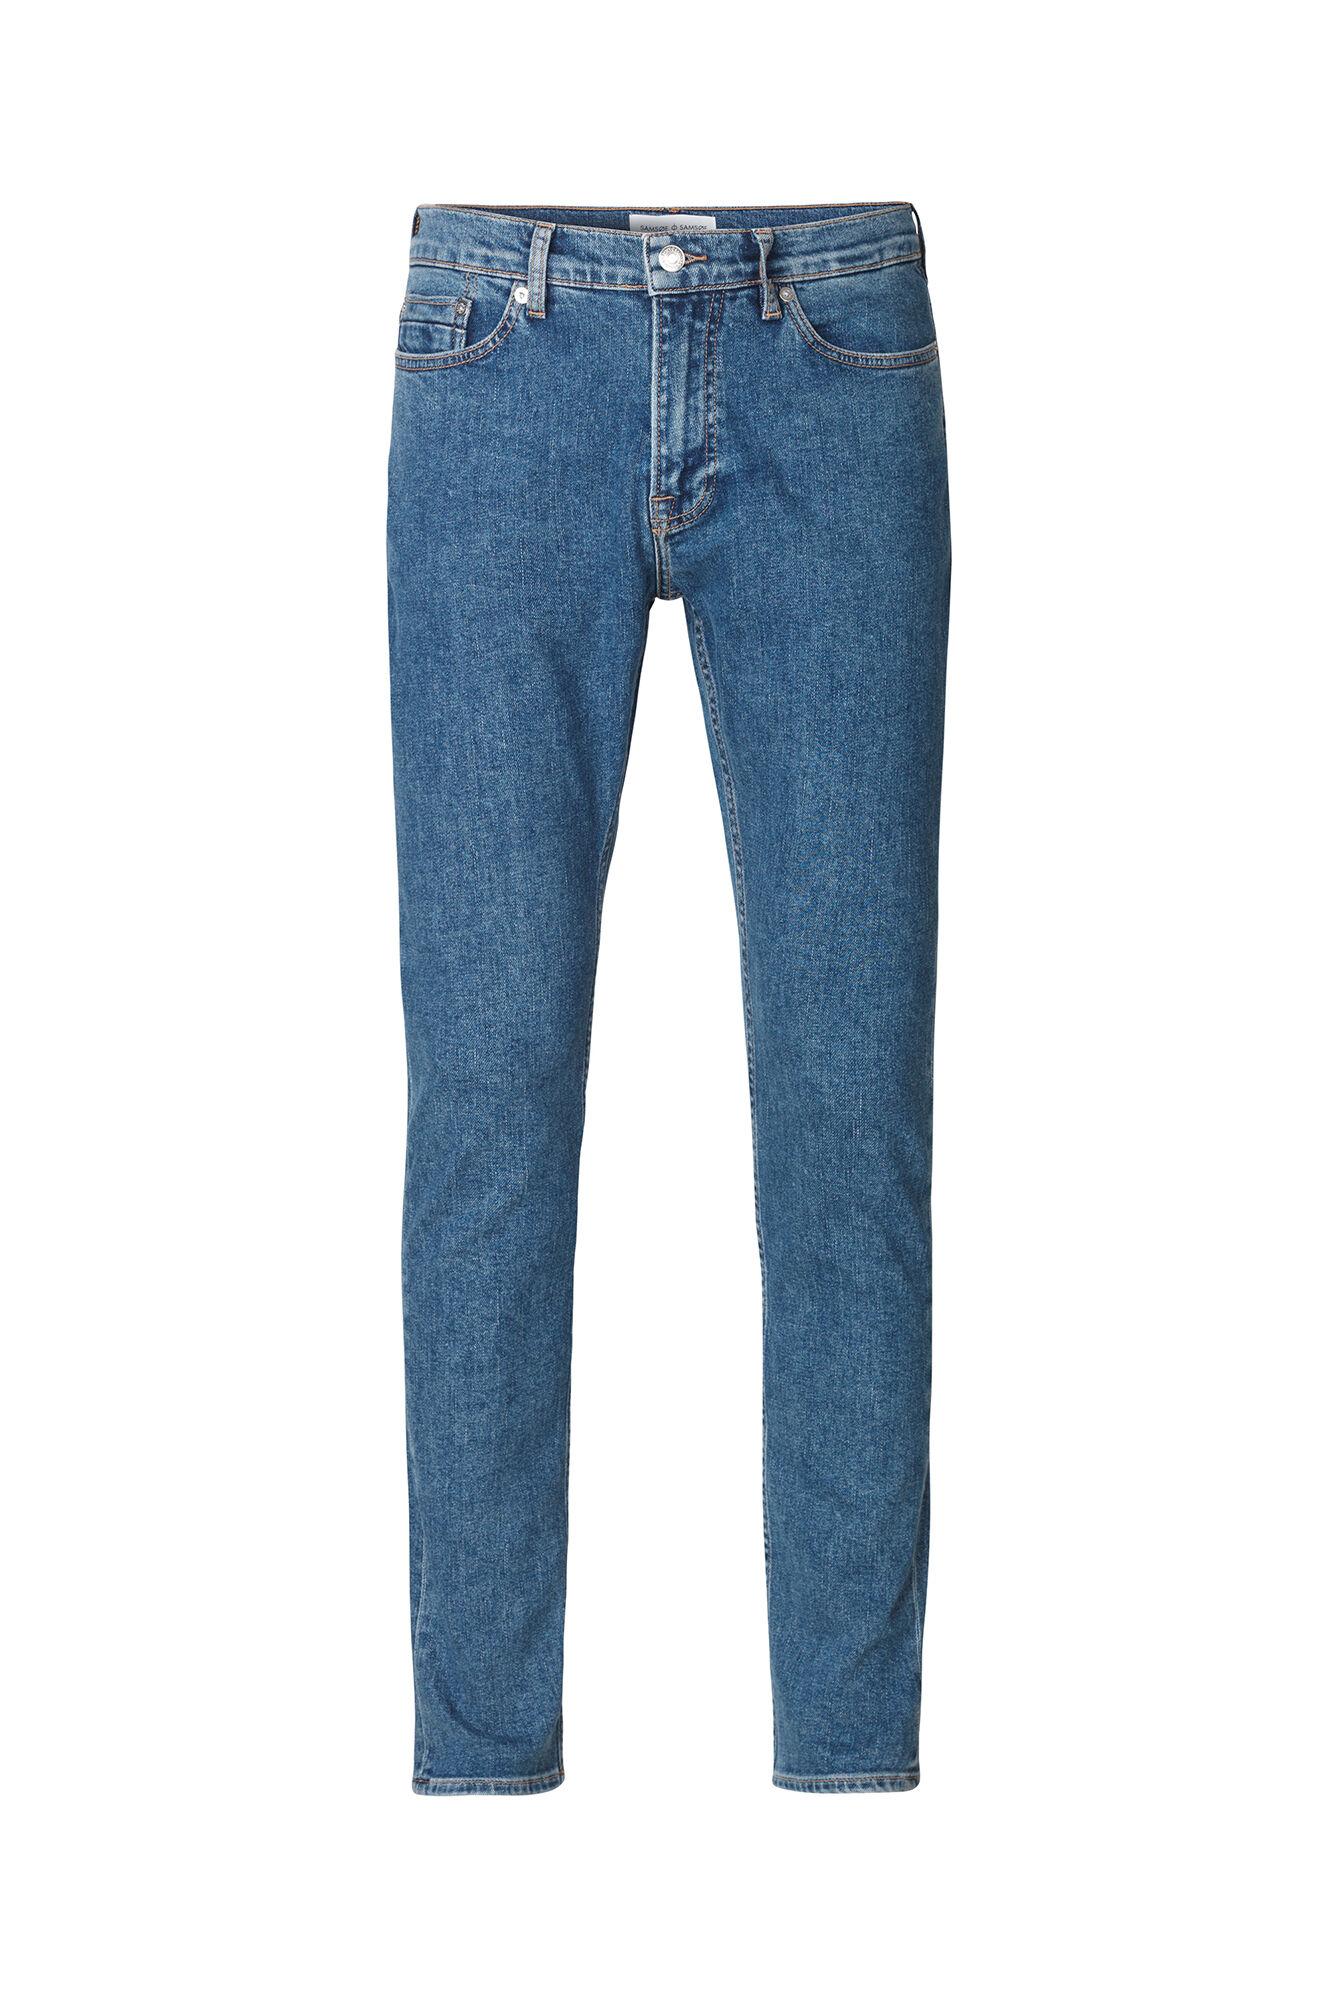 Stefan jeans 10239